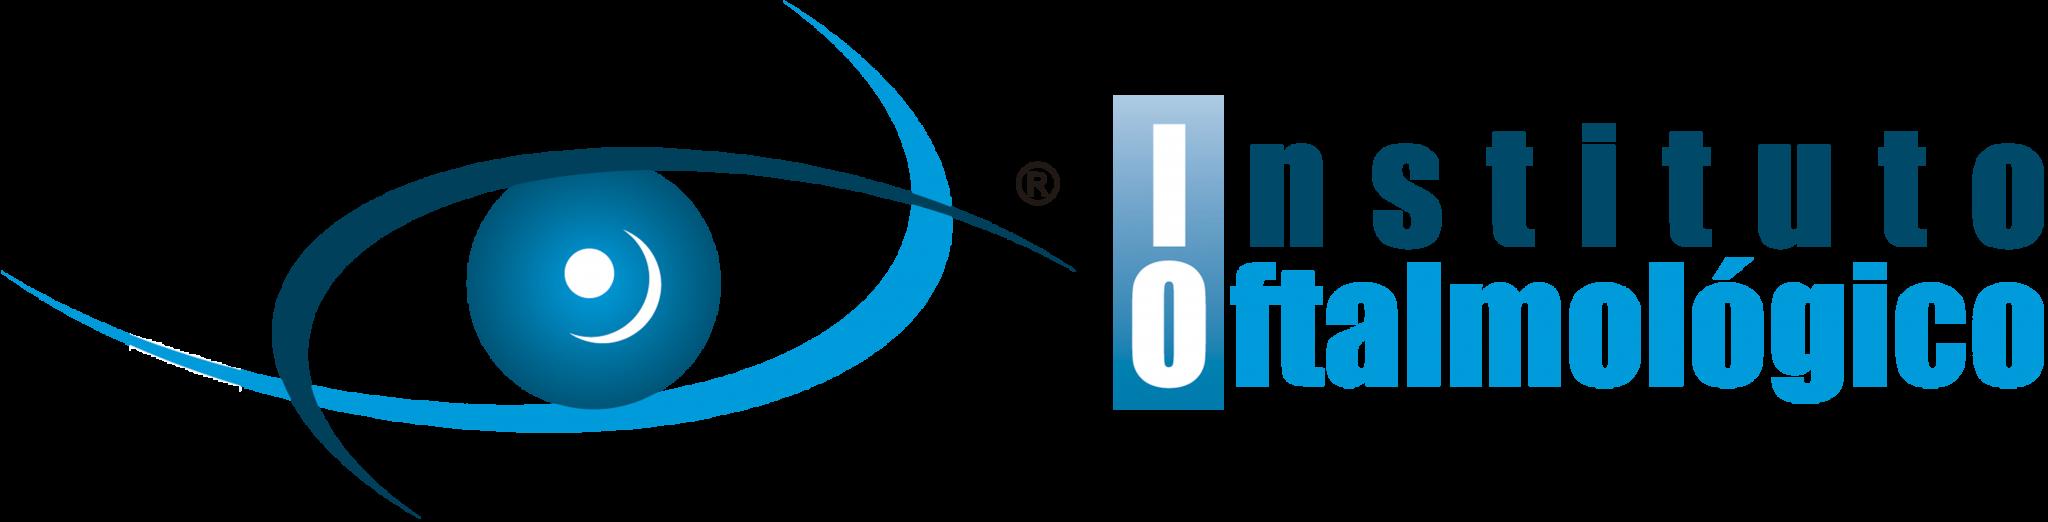 Instituto Oftalmológico de Maringá